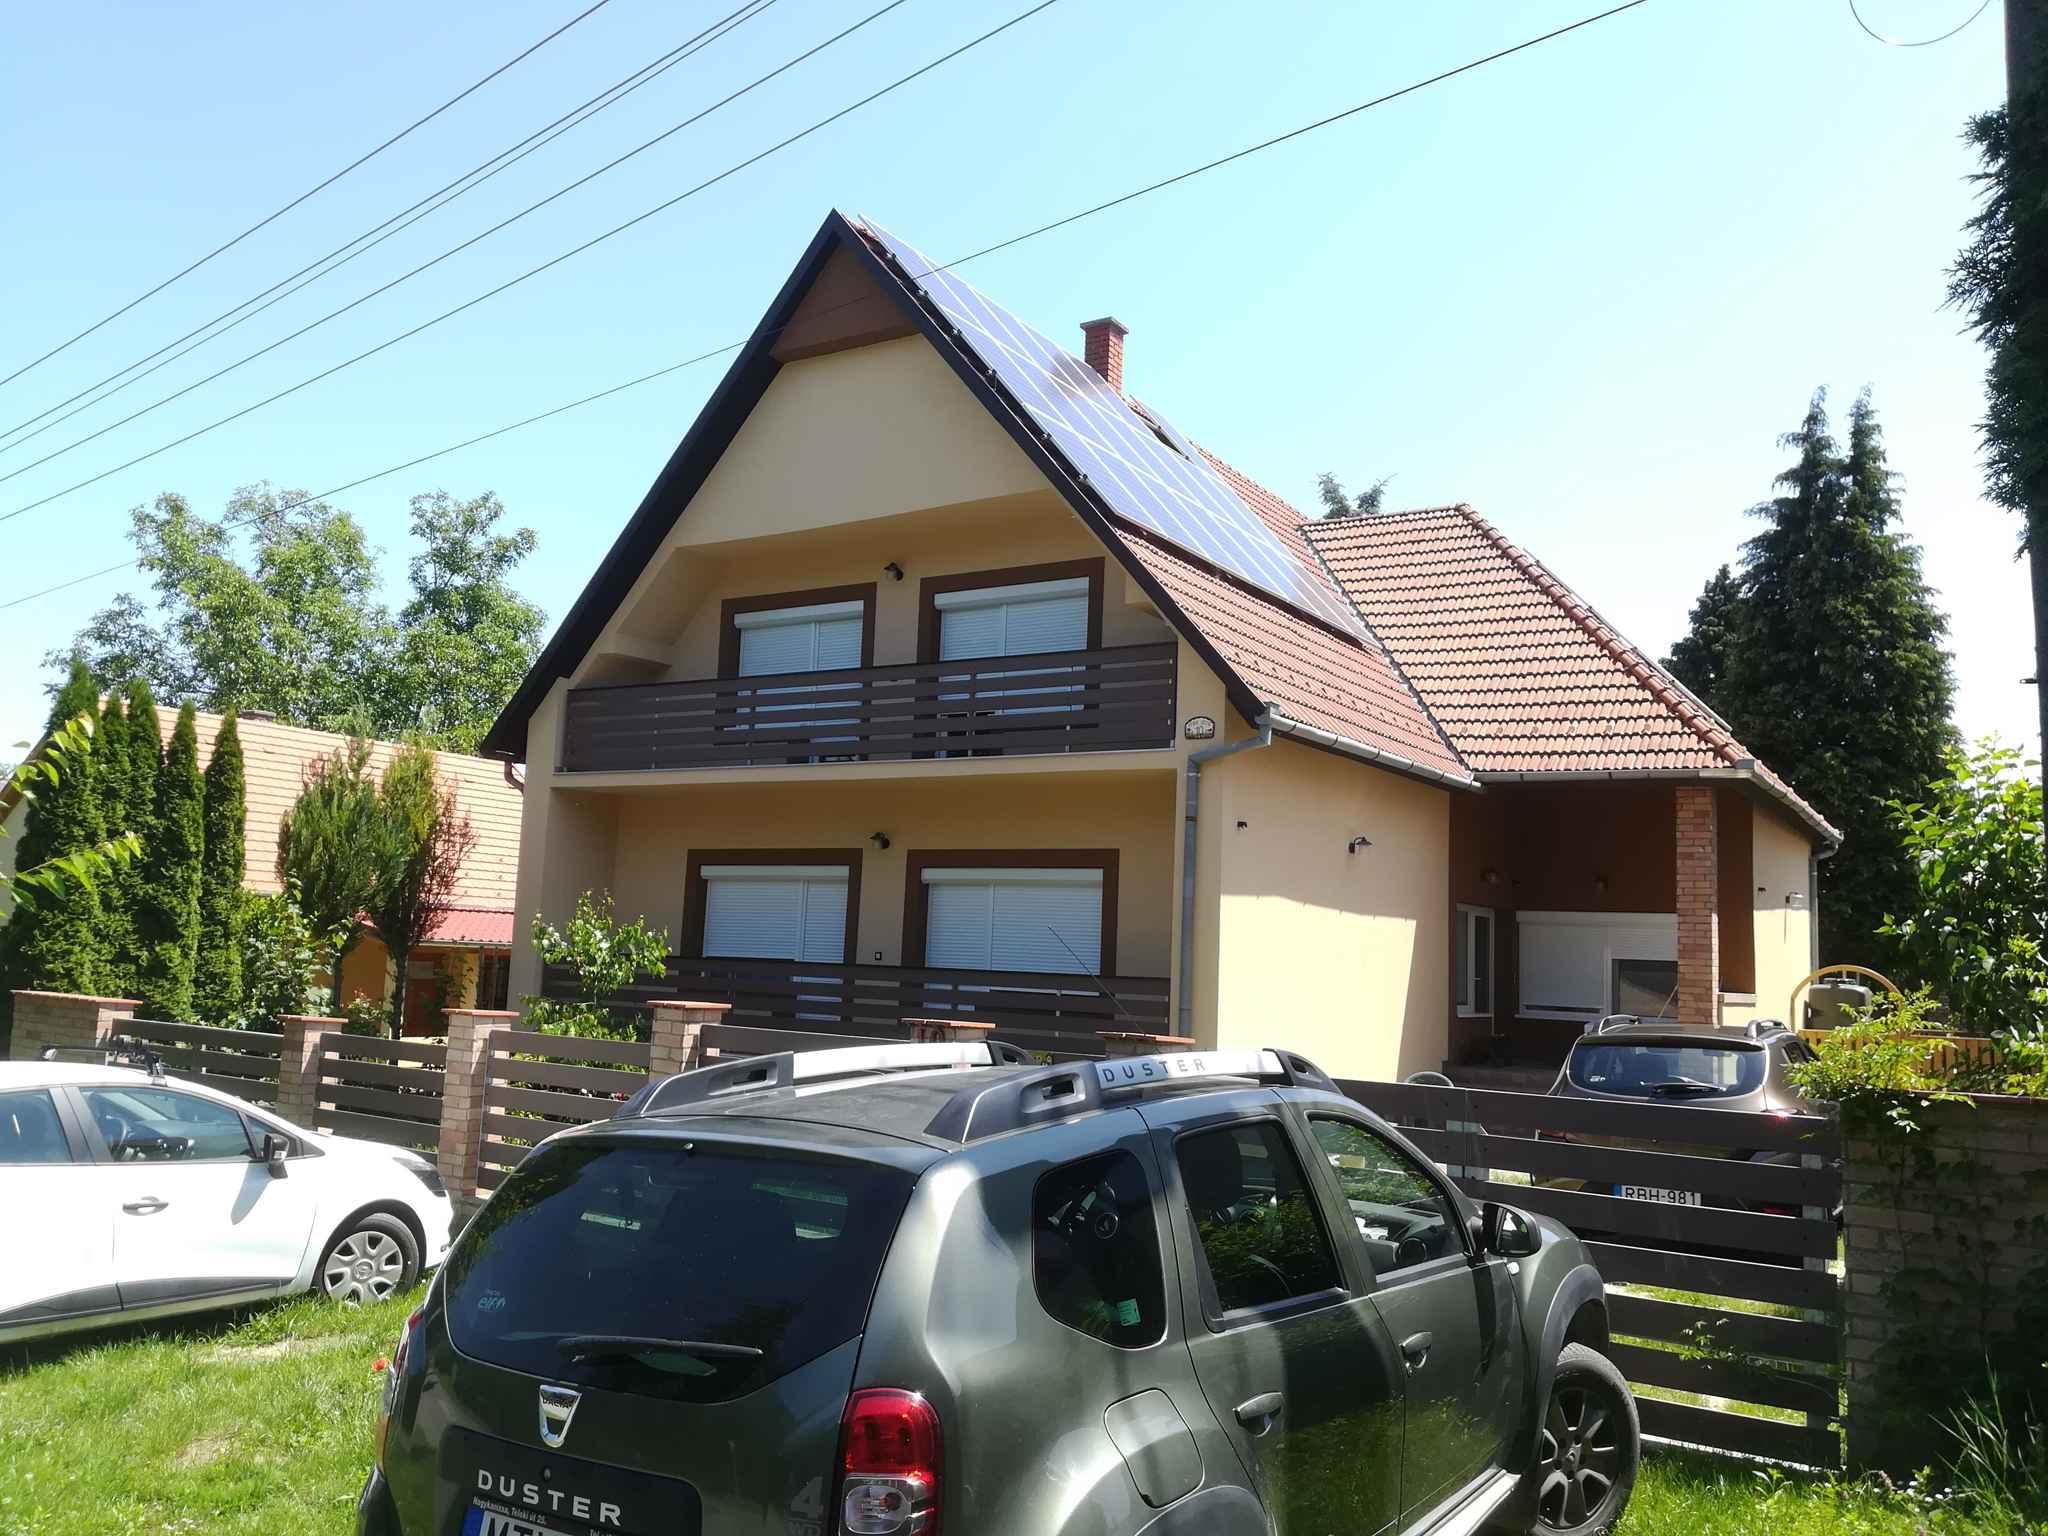 Ferienhaus mit Kajak, Fahrräder und Whirlpool Ferienhaus in Ungarn